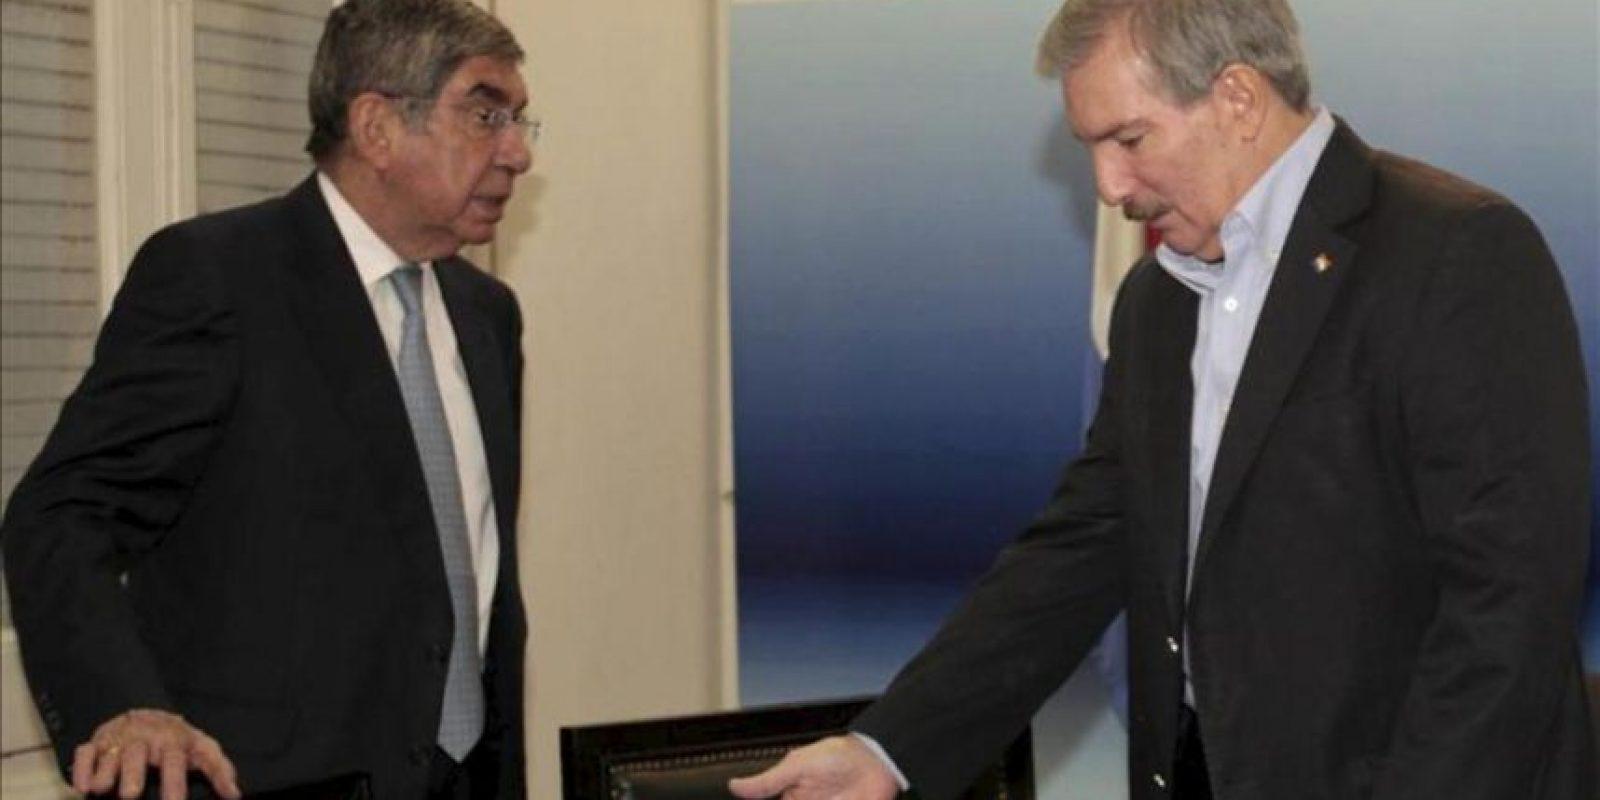 El expresidente de Costa Rica Oscar Arias (i) se reúne con el candidato presidencial paraguayo del Partido Patria Querida, Miguel Carrizosa (d), este 26 de febrero, en la sede de la colectividad, en Asunción. EFE